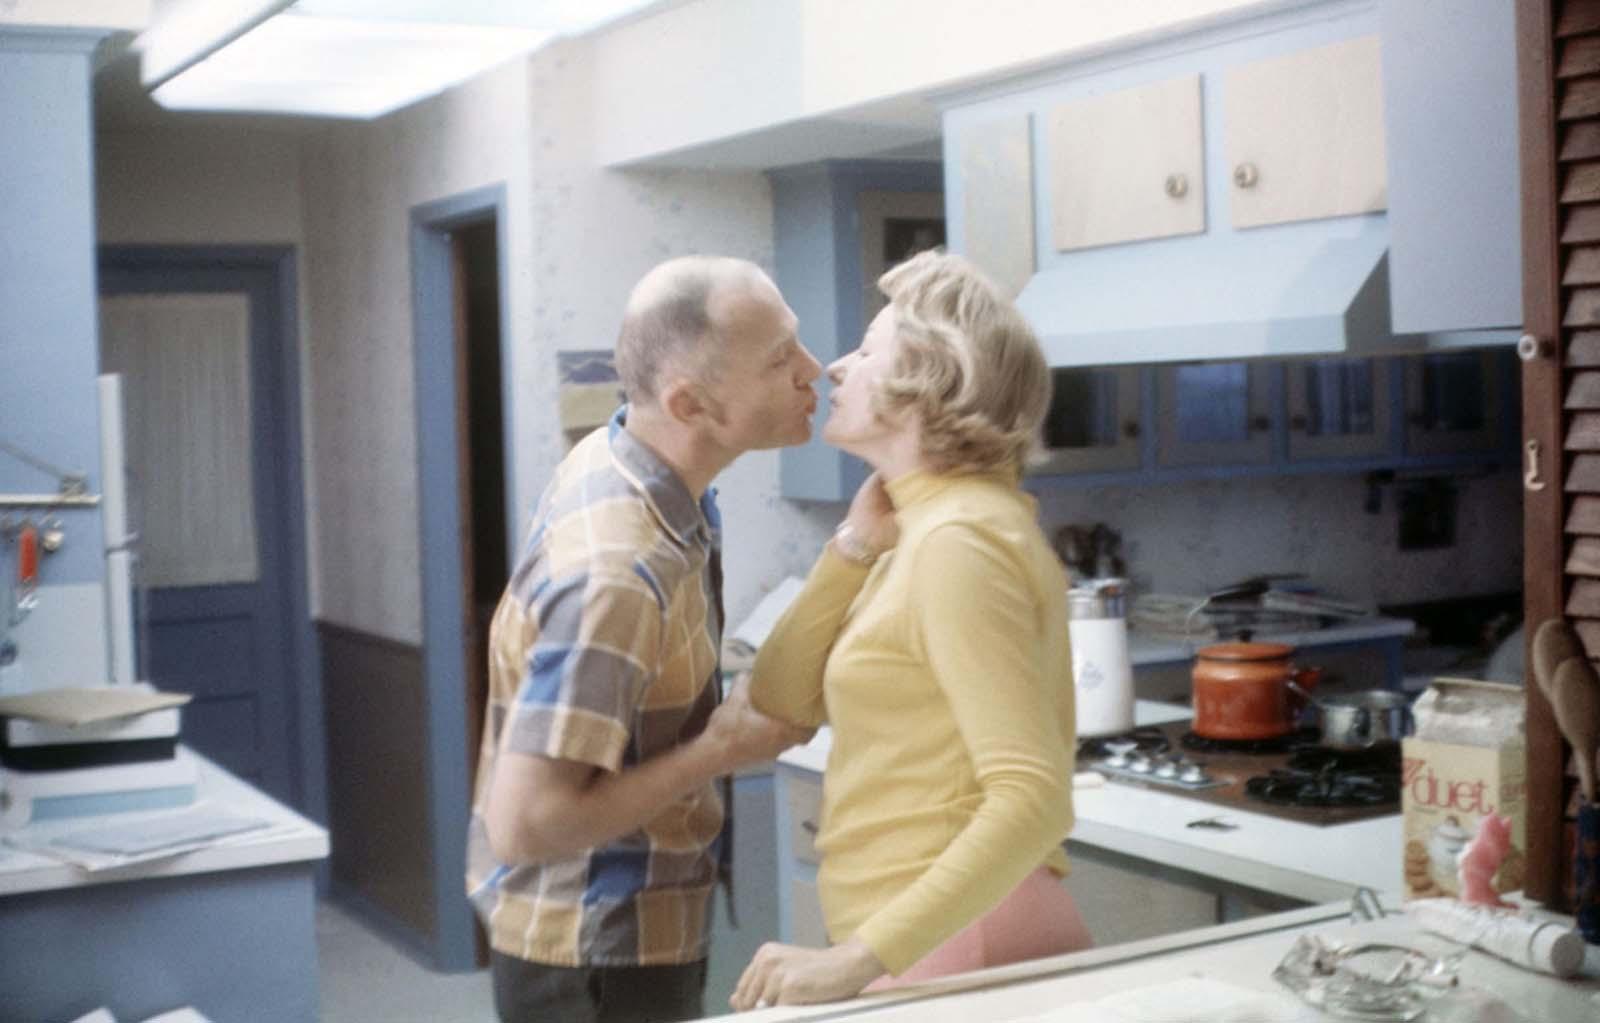 Buzz e Joan Aldrin compartilham um beijo na cozinha de sua casa no Texas.